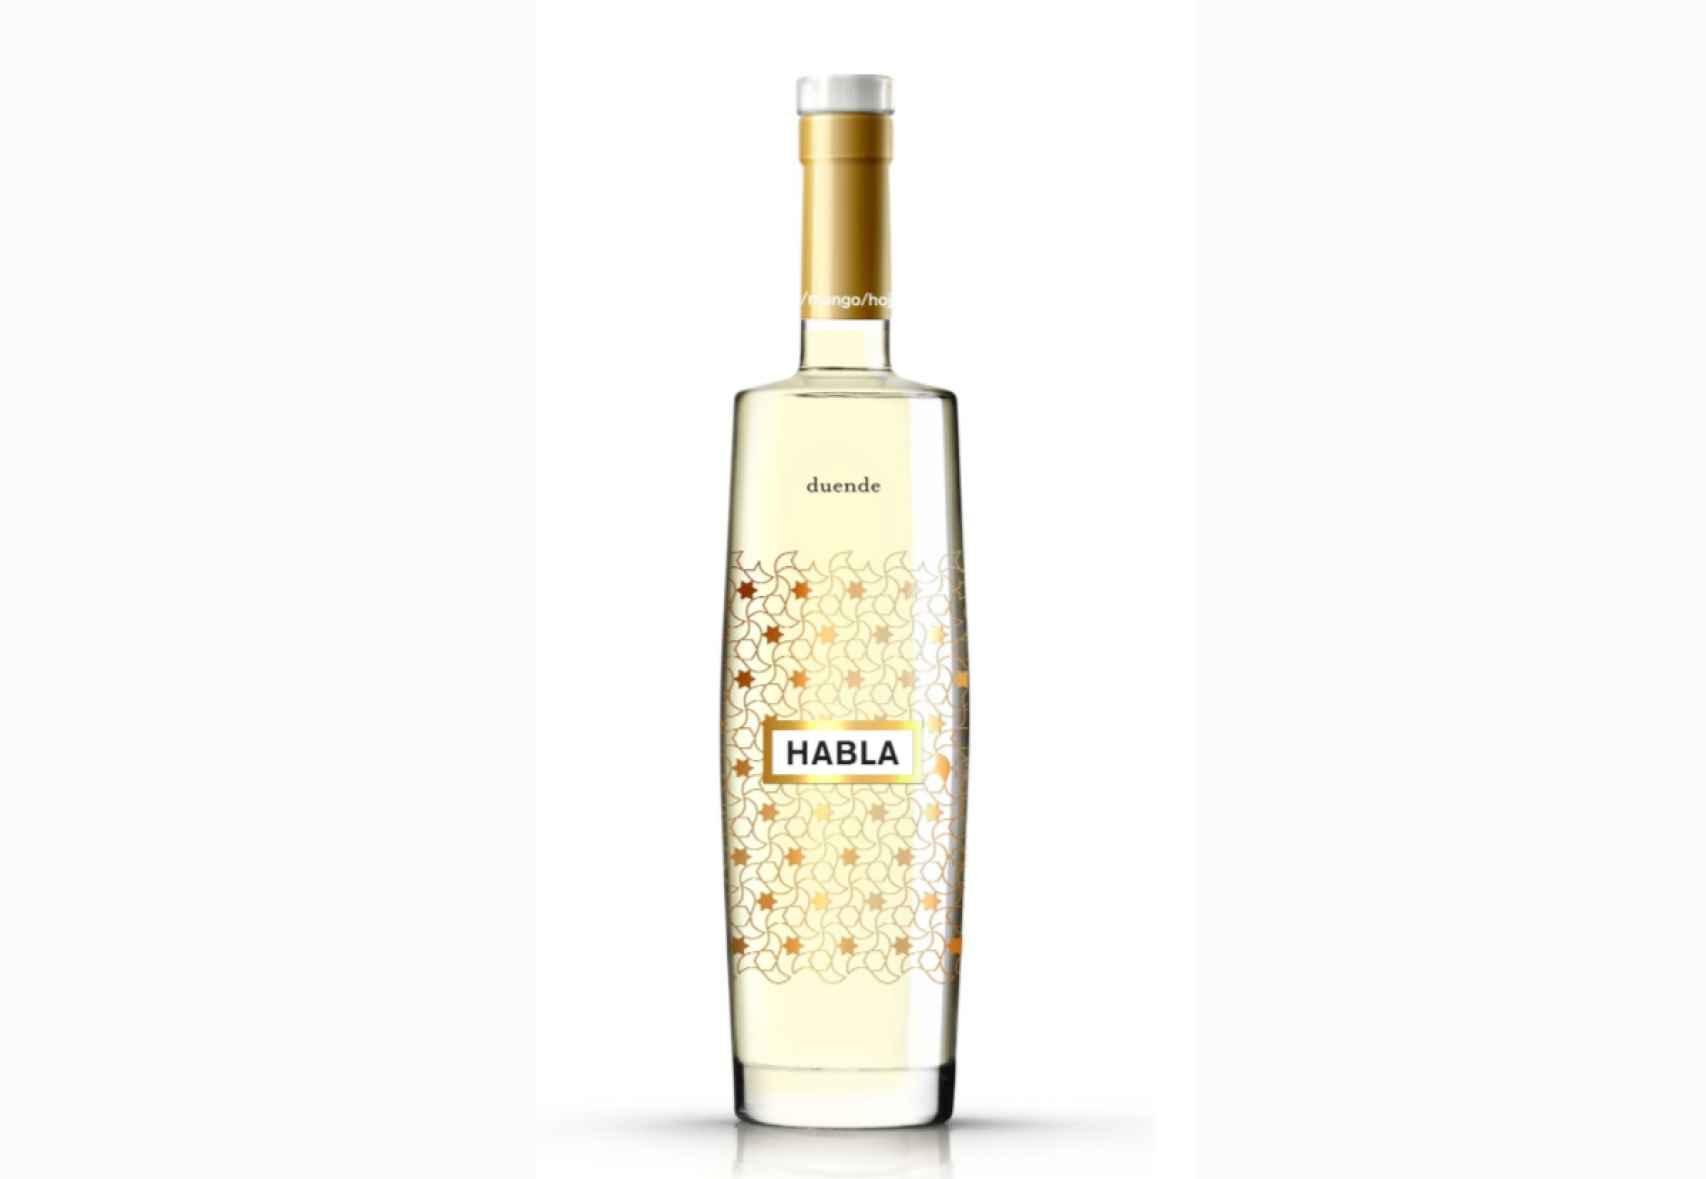 La botella de Habla Duende se inspira en la Alhambra de Granada.